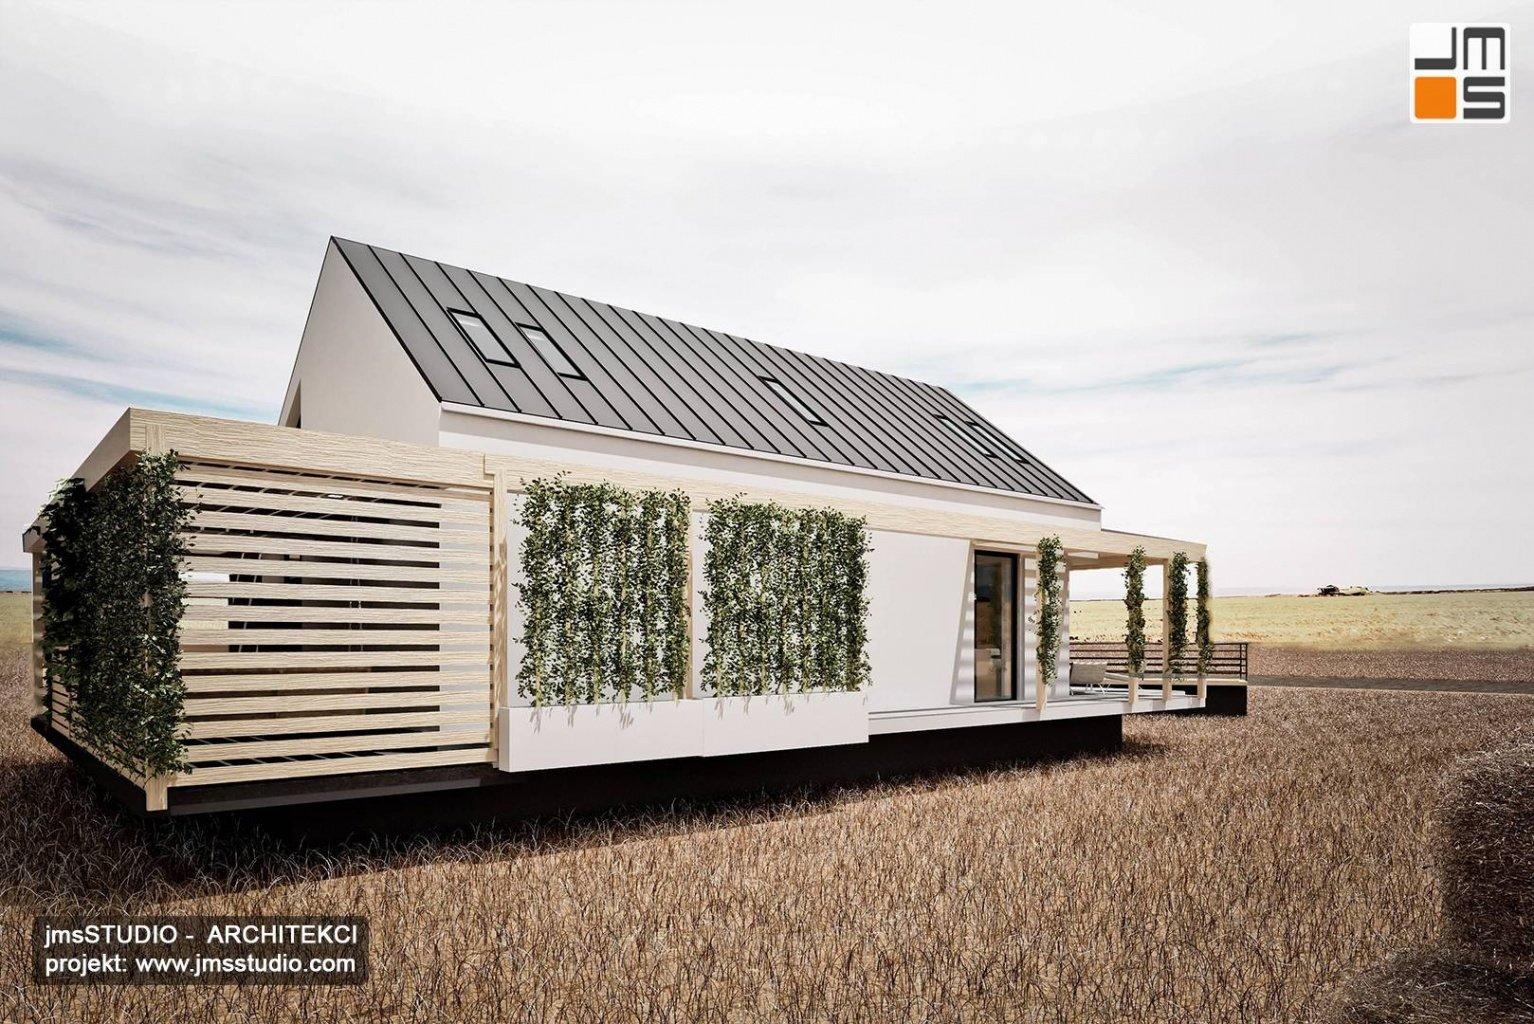 Dom modułowy z zieloną ścianą i pergolą oraz żaluzjami przeciwsłonecznymi to projekt domu architekt Śląsk